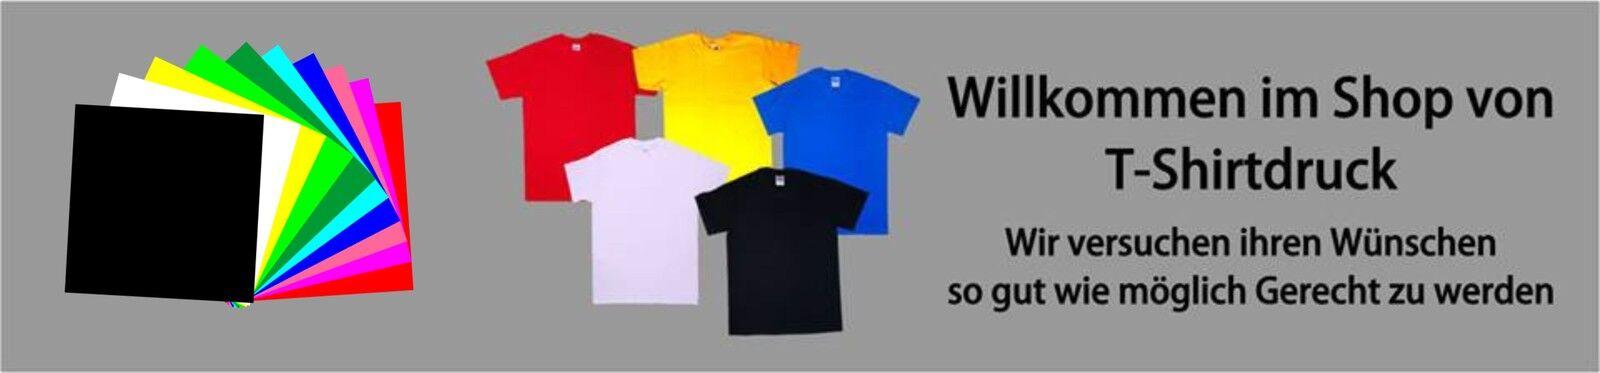 t-shirtdruck-dortmund